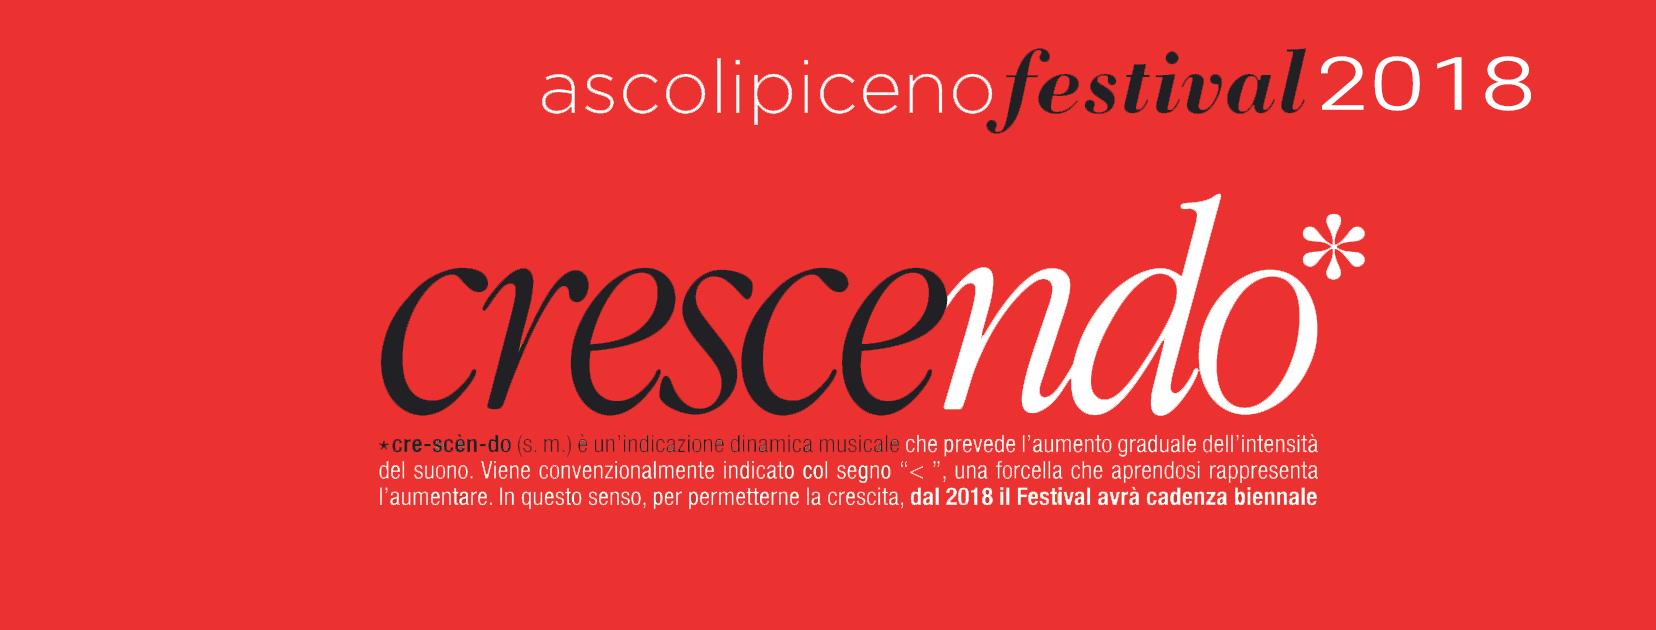 Ascoli Piceno Festival